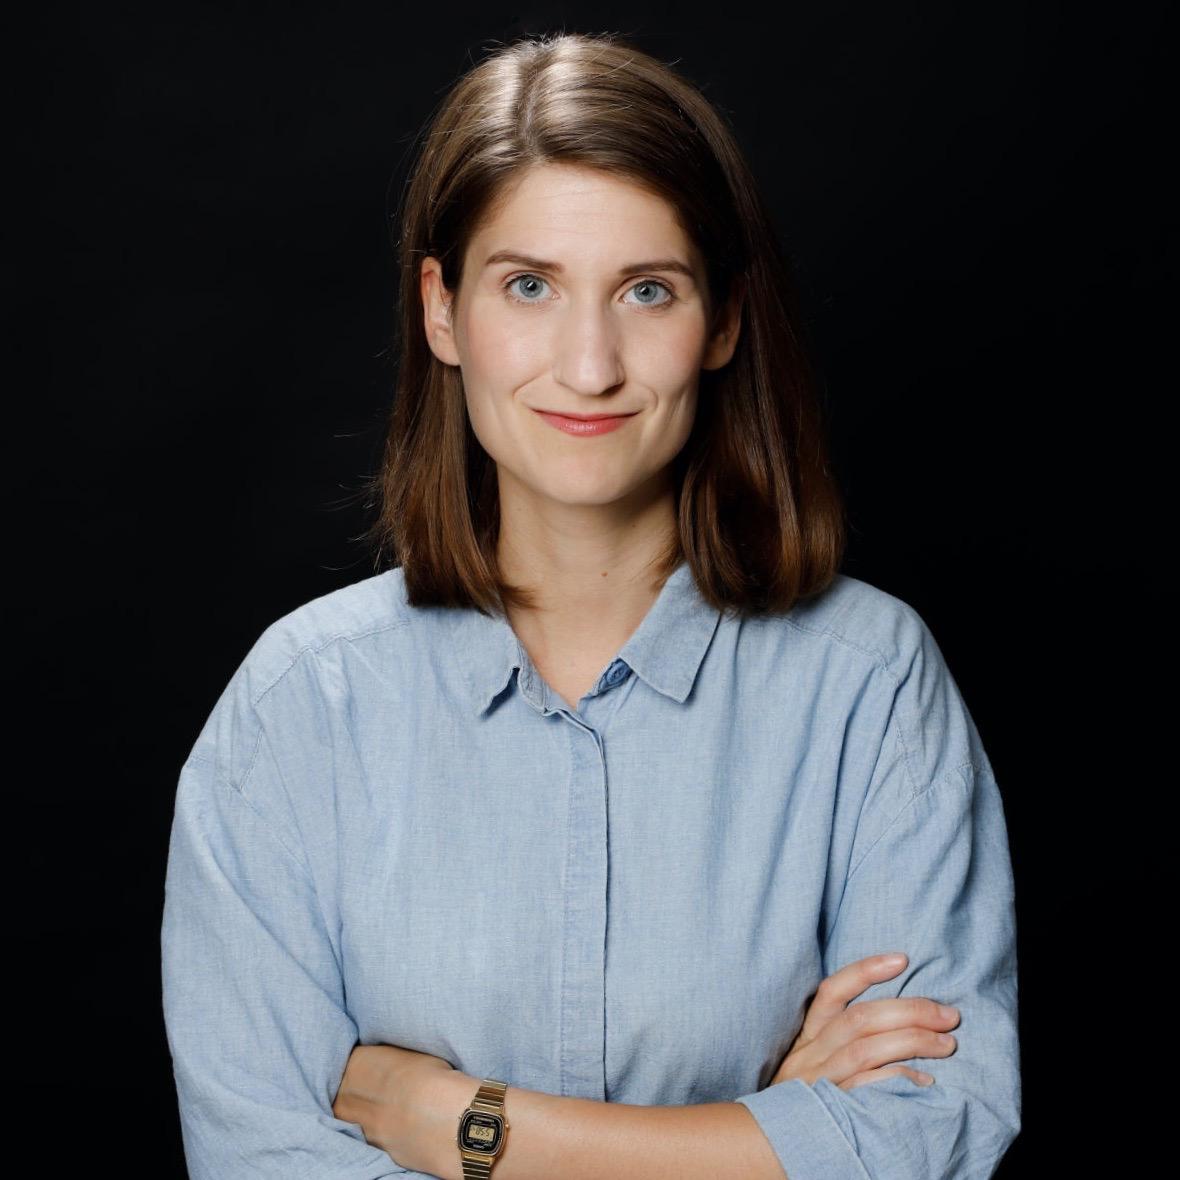 Sophie Morawietz